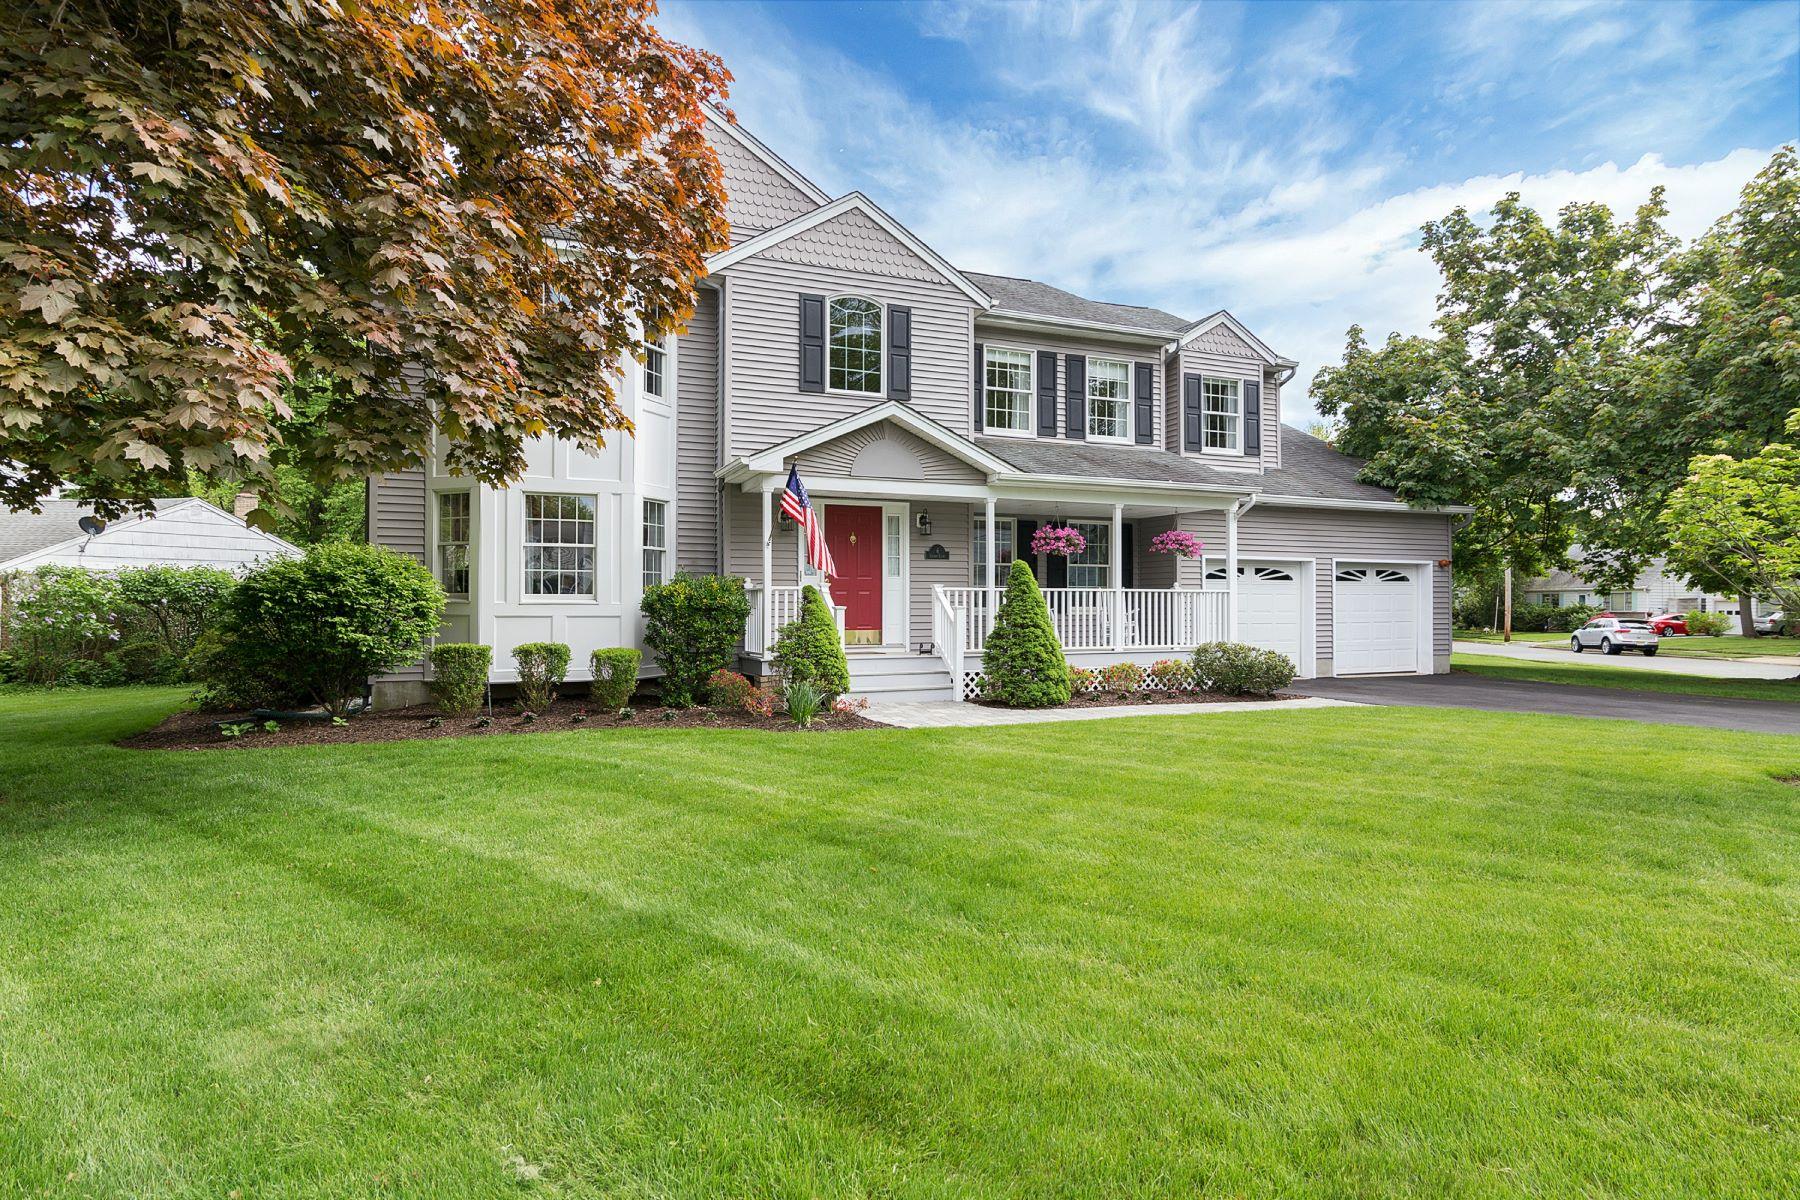 Частный односемейный дом для того Продажа на Wonderful & Young Cresskill Colonial! 6 Cherry Court Cresskill, Нью-Джерси, 07626 Соединенные Штаты